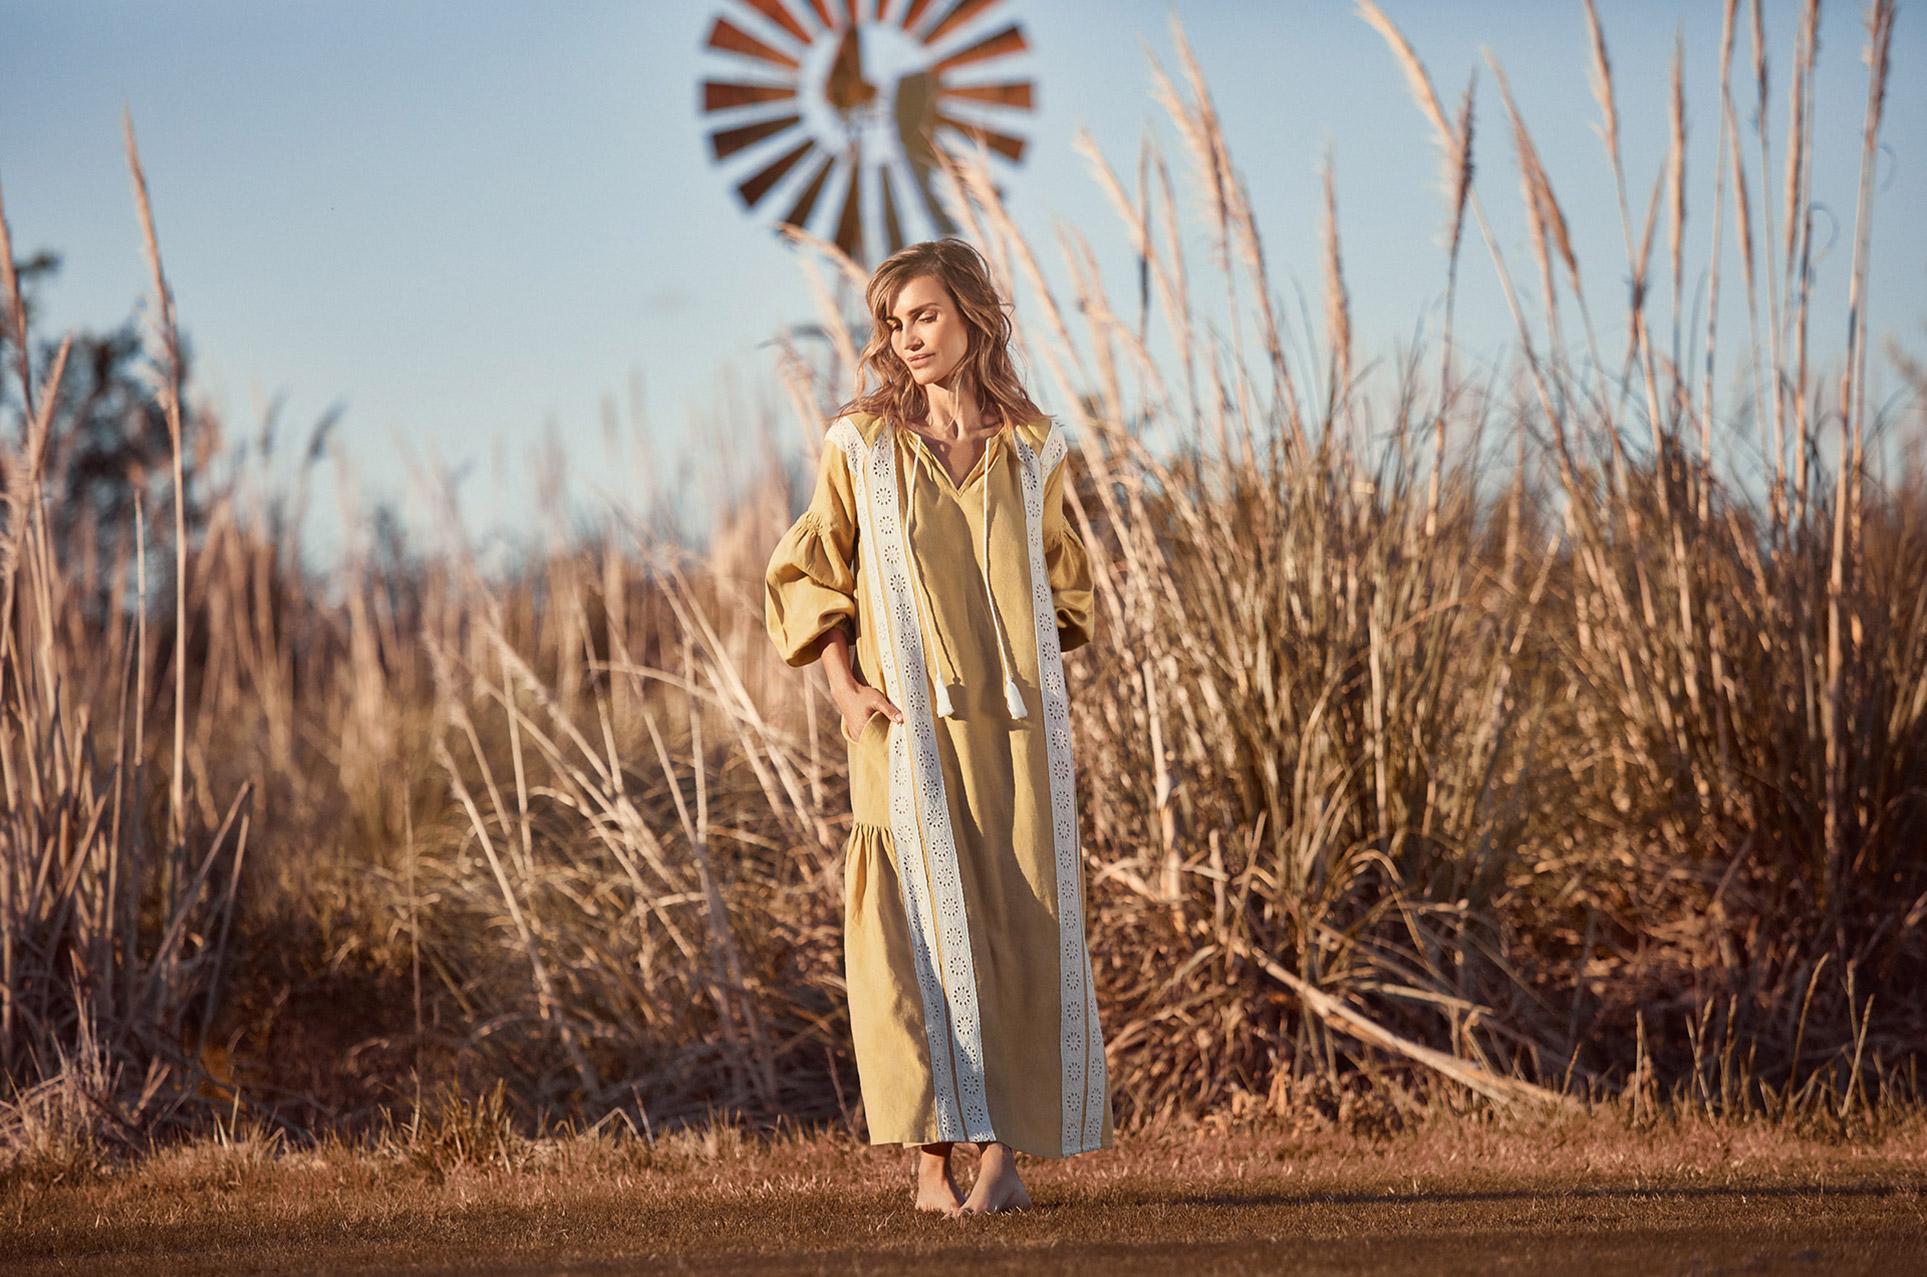 ОДежда из натуральных тканей модного бренда Lanhtropy, весна-лето 2020 / Мария Васкес / фото 01